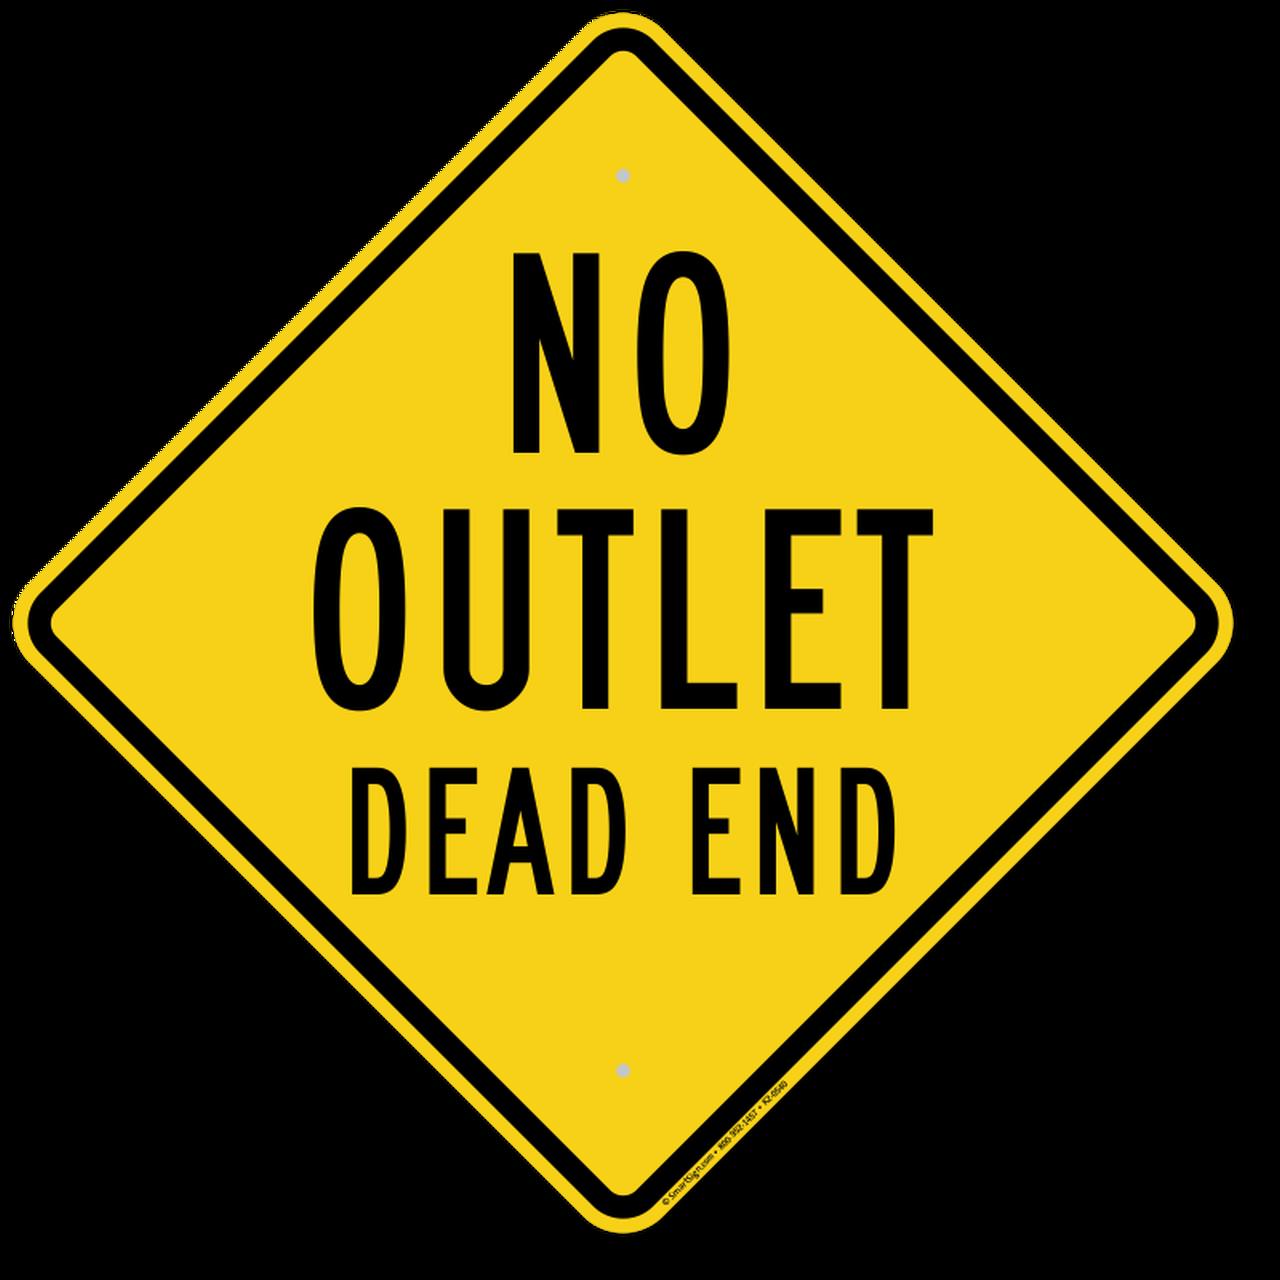 NO OUTLET DEAD END.